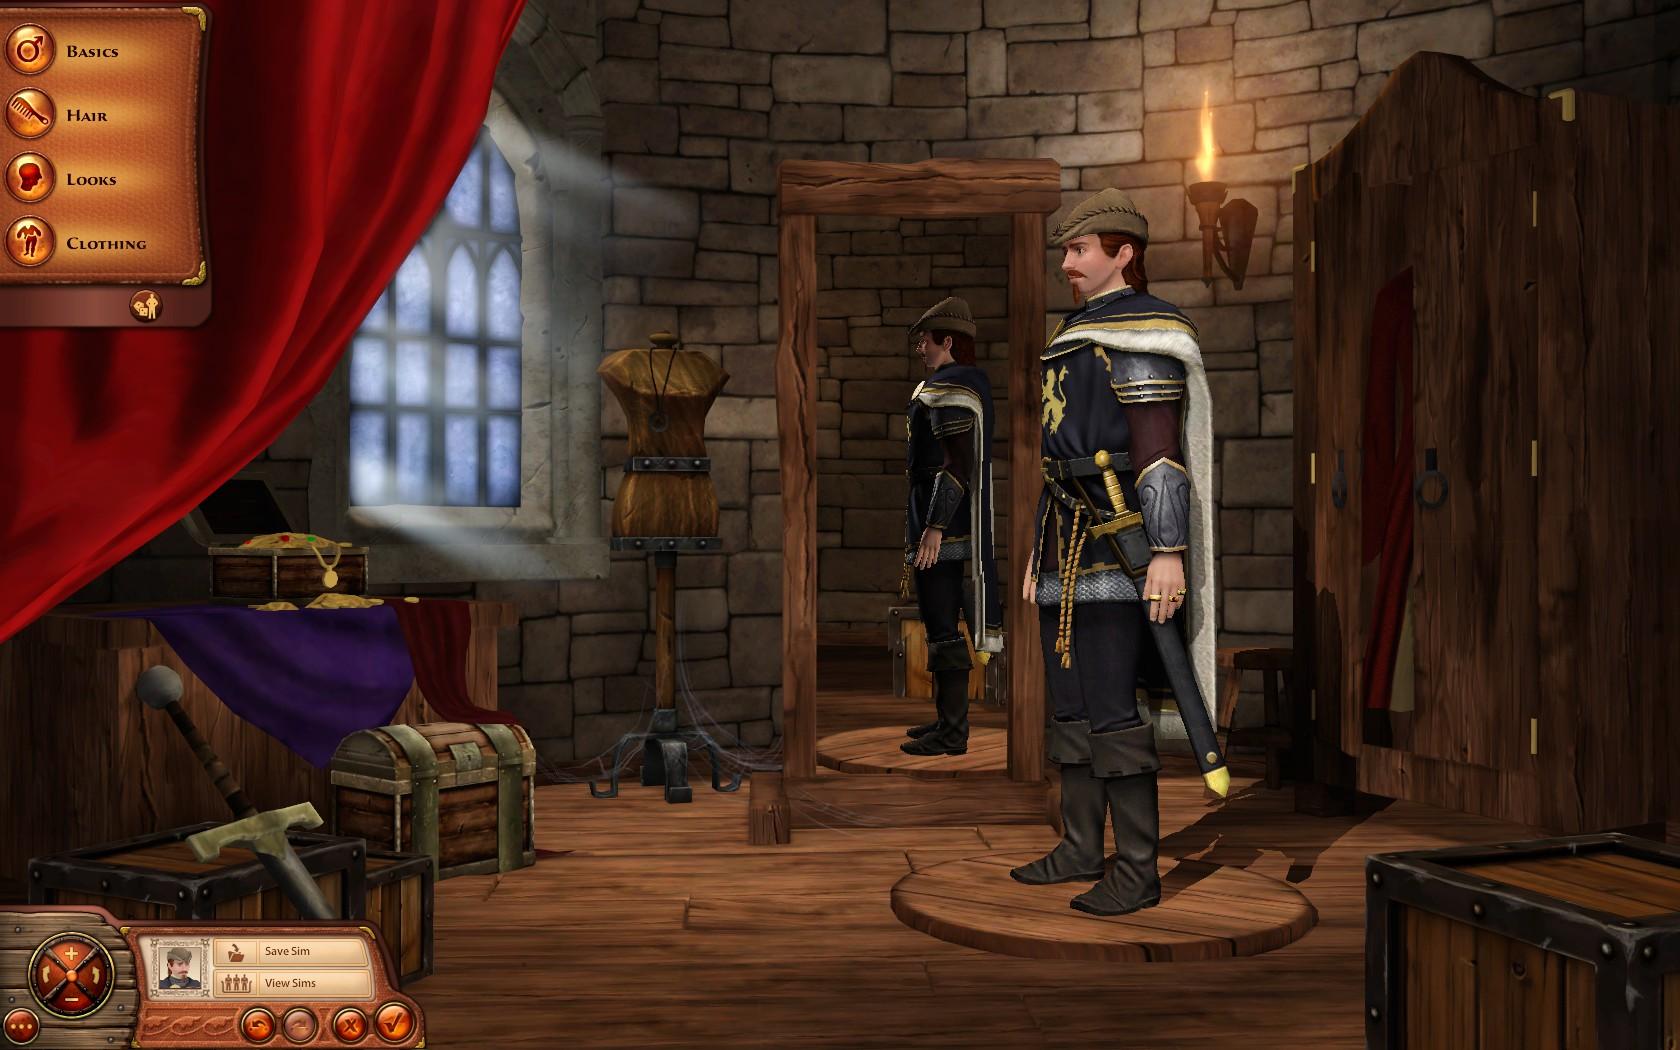 The Sims: Medieval – tak trochu jiný středověk 36240